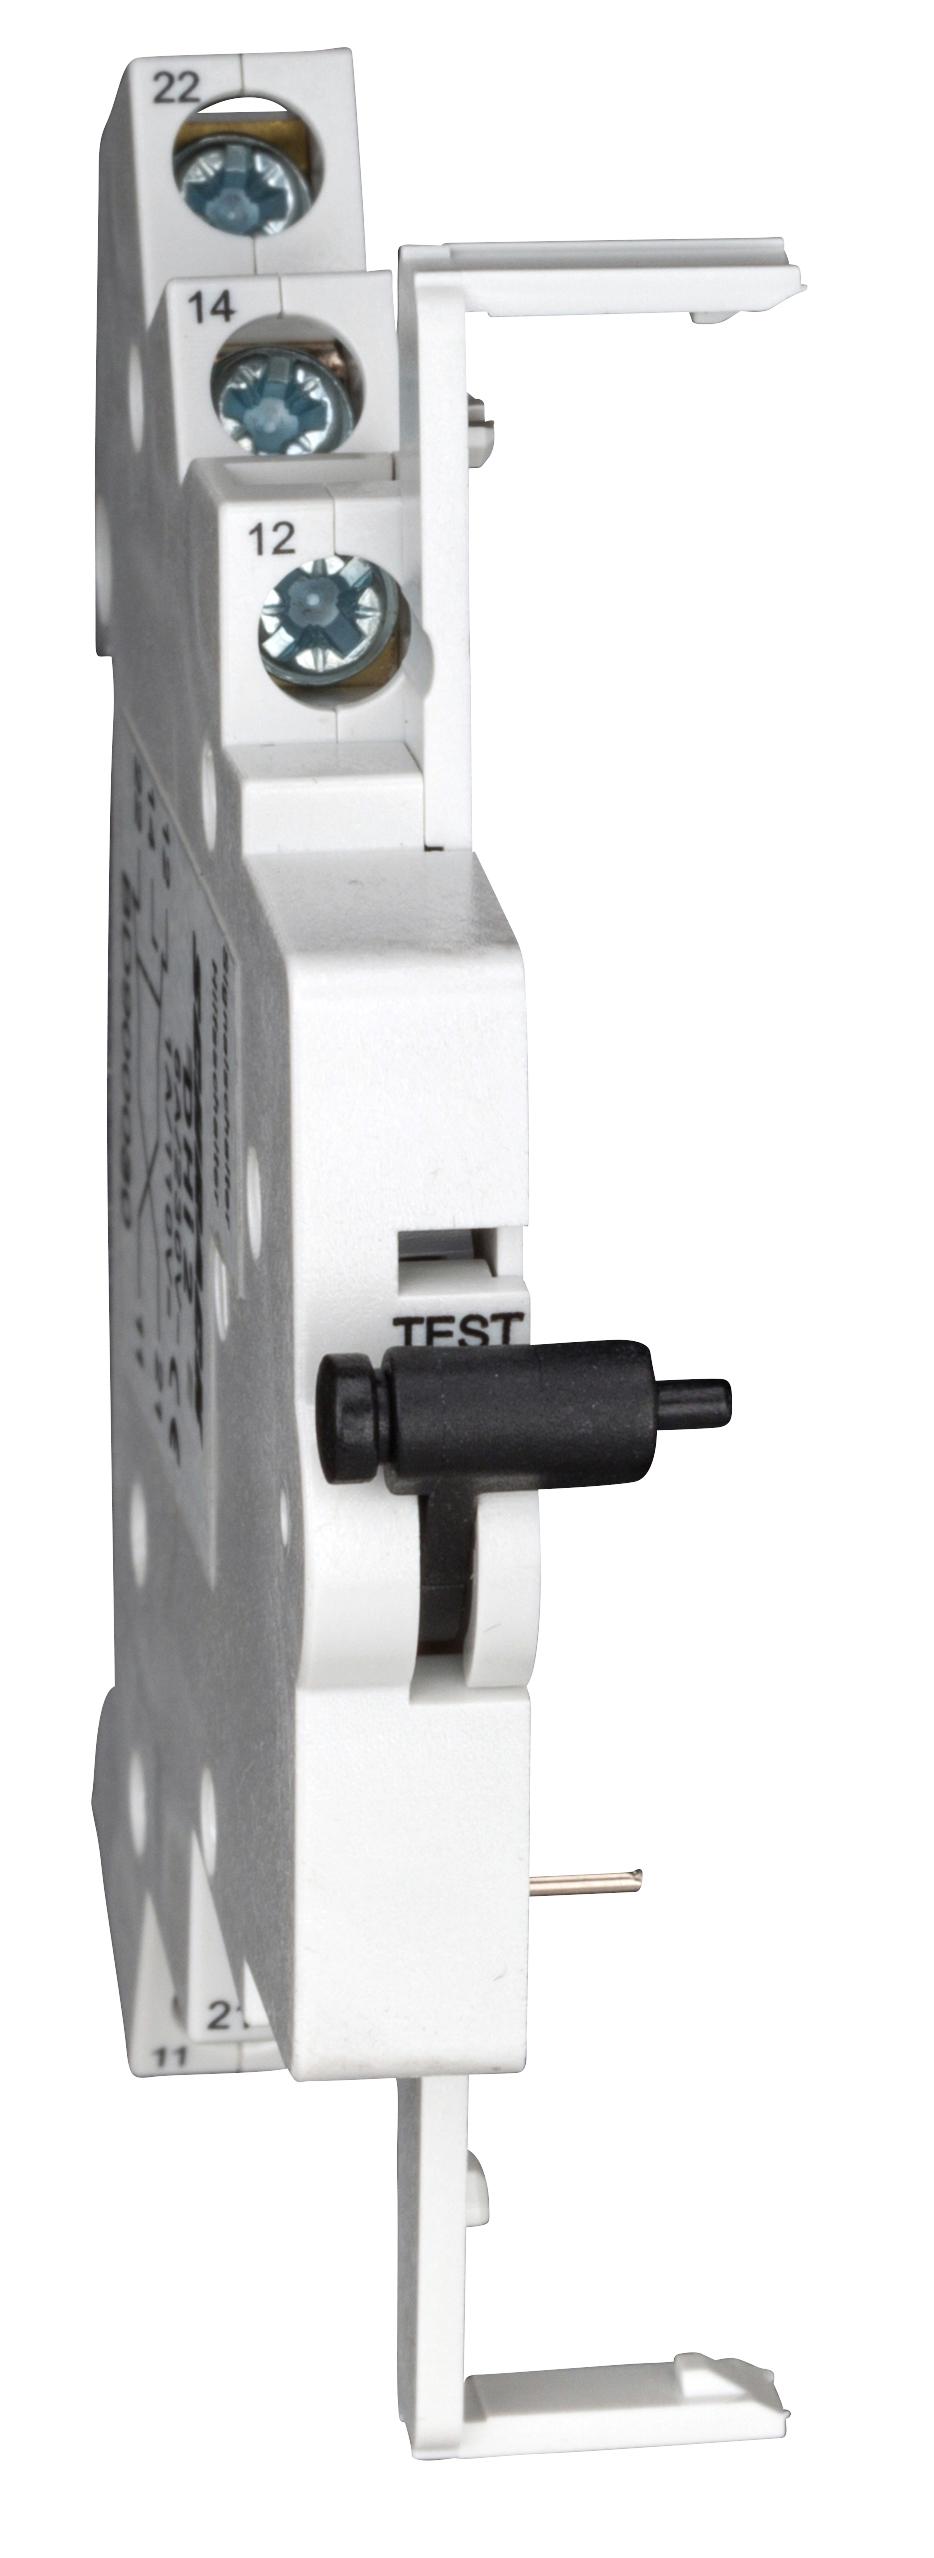 1 Stk Hilfsschalter 1 W+1Ö passend zu FI-D 125A und FI-D/B BD900030--